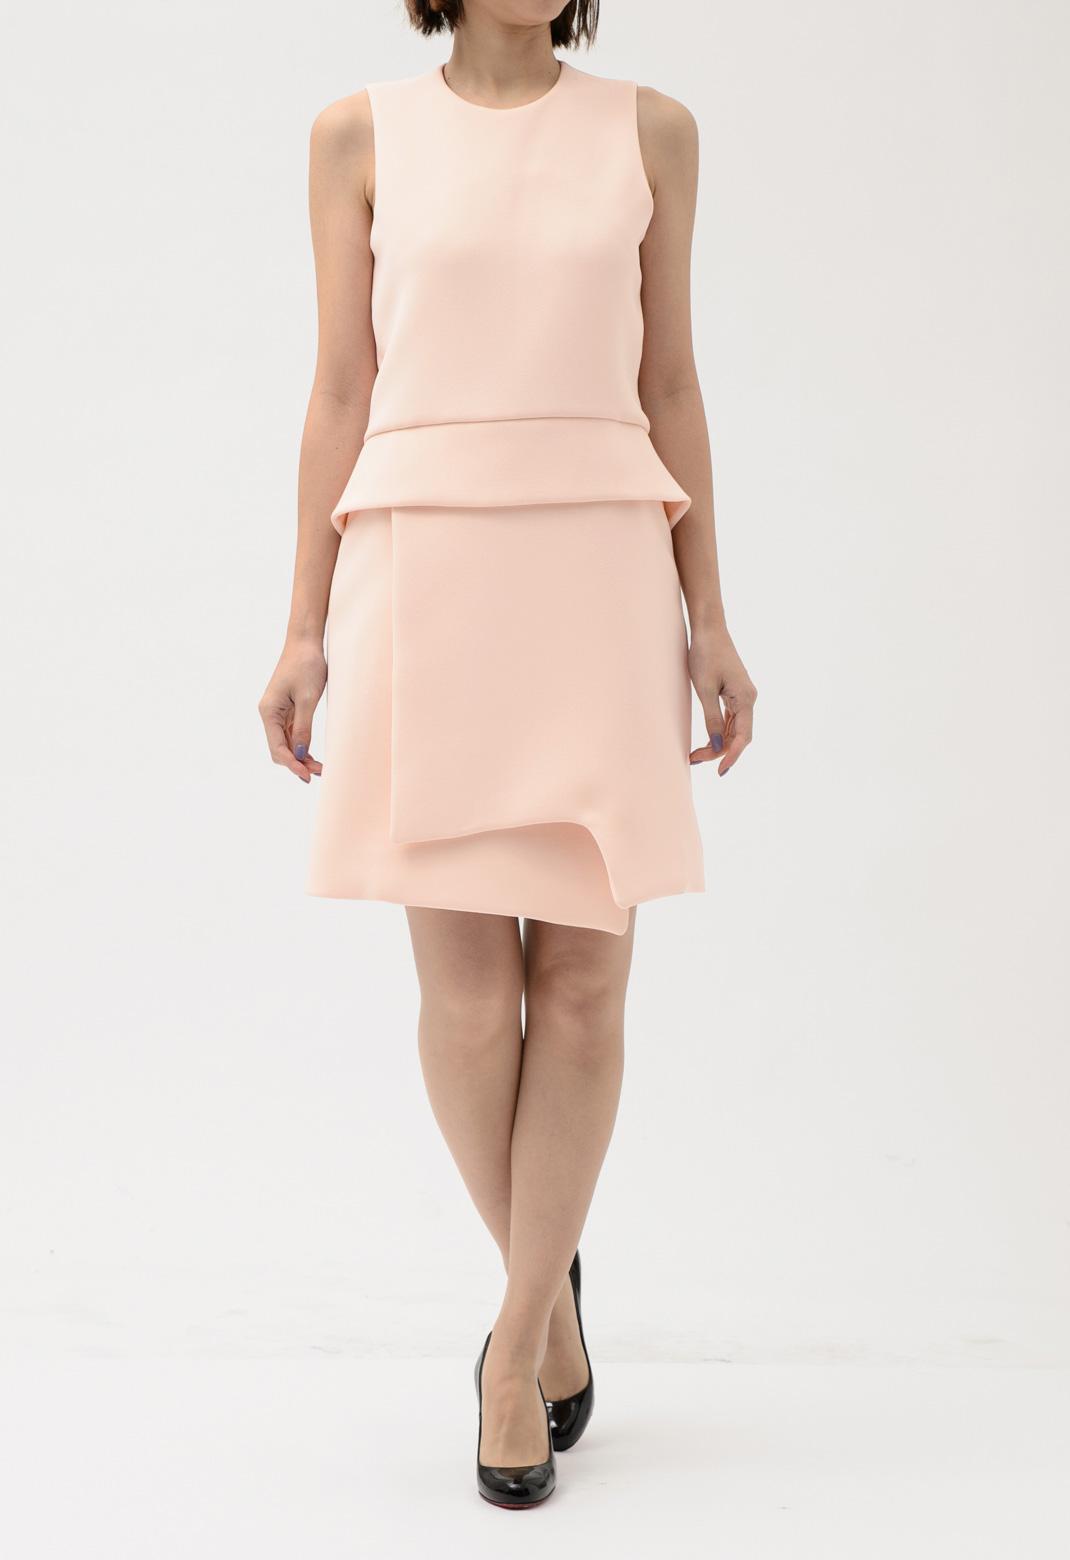 ウエストペプラム ノースリーブ ドレス